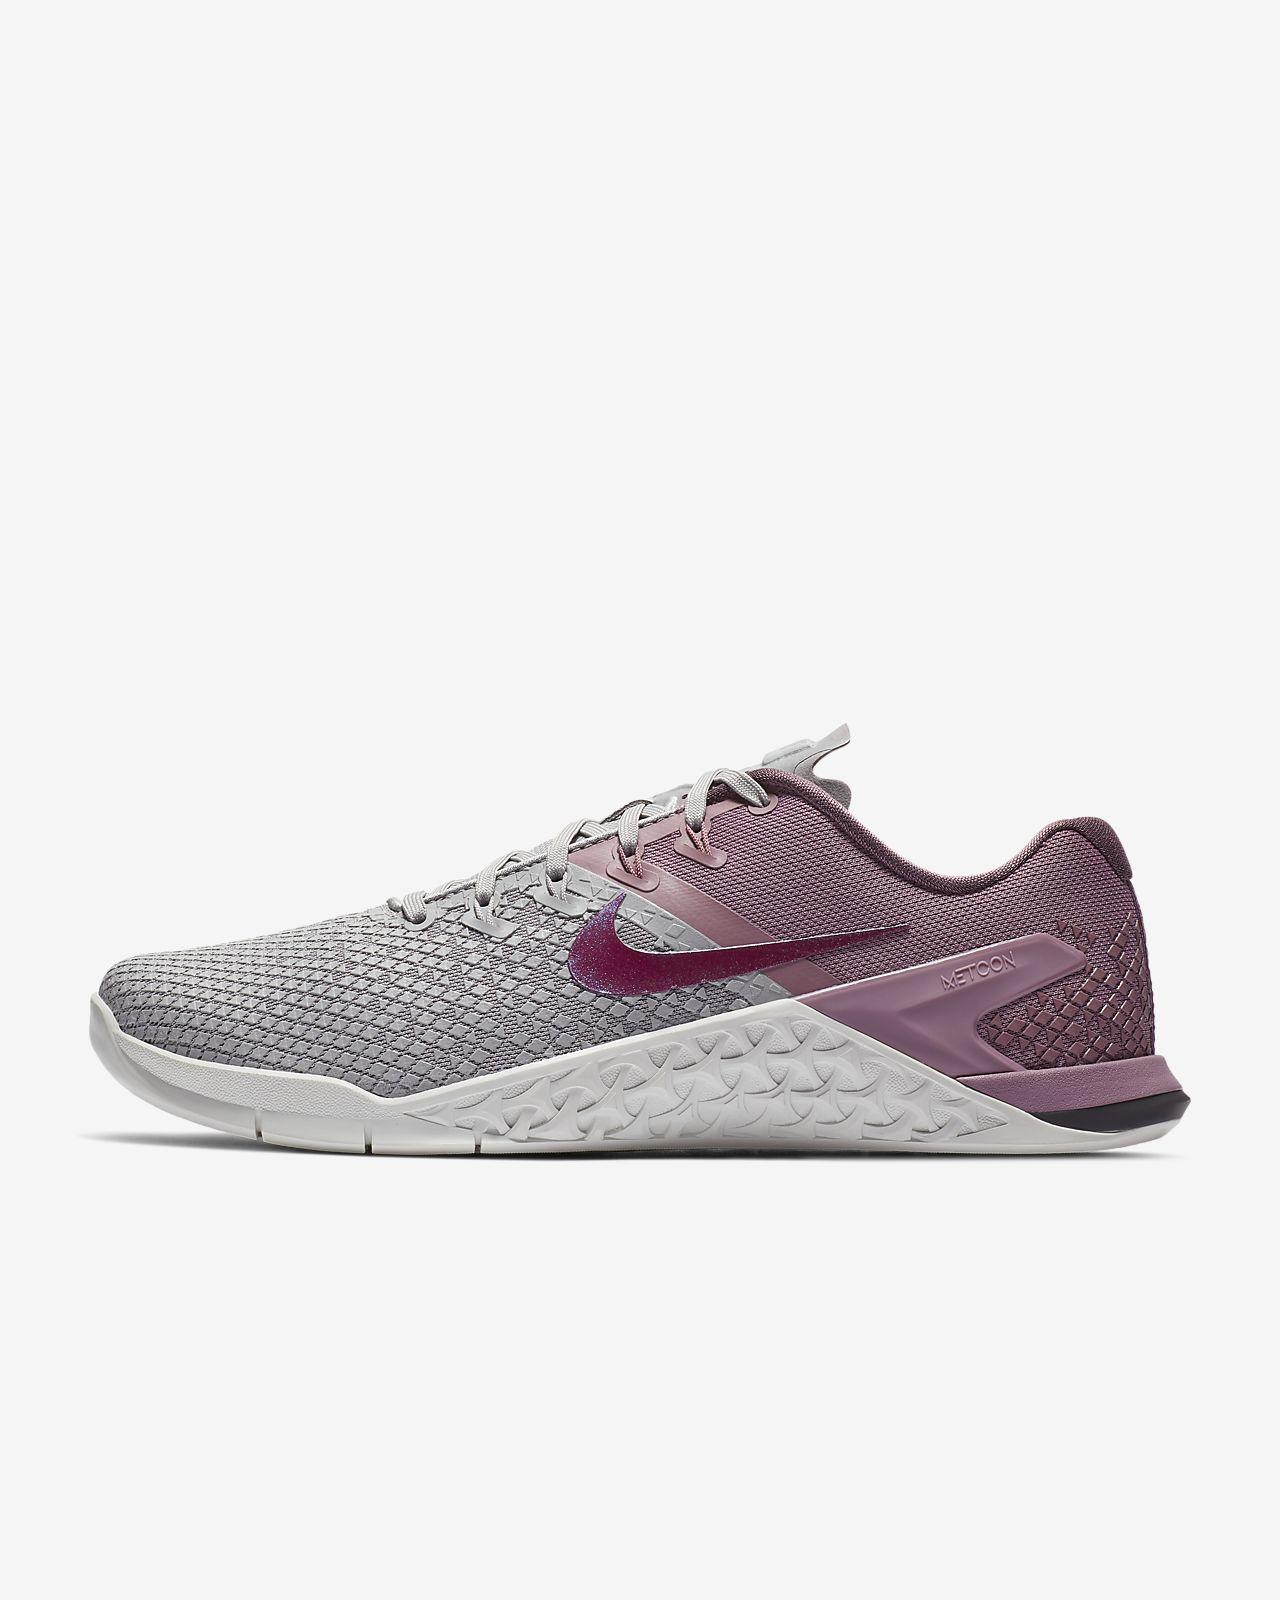 553e59deae28 Nike Metcon 4 XD Women s Cross-Training Weightlifting Shoe. Nike.com MY